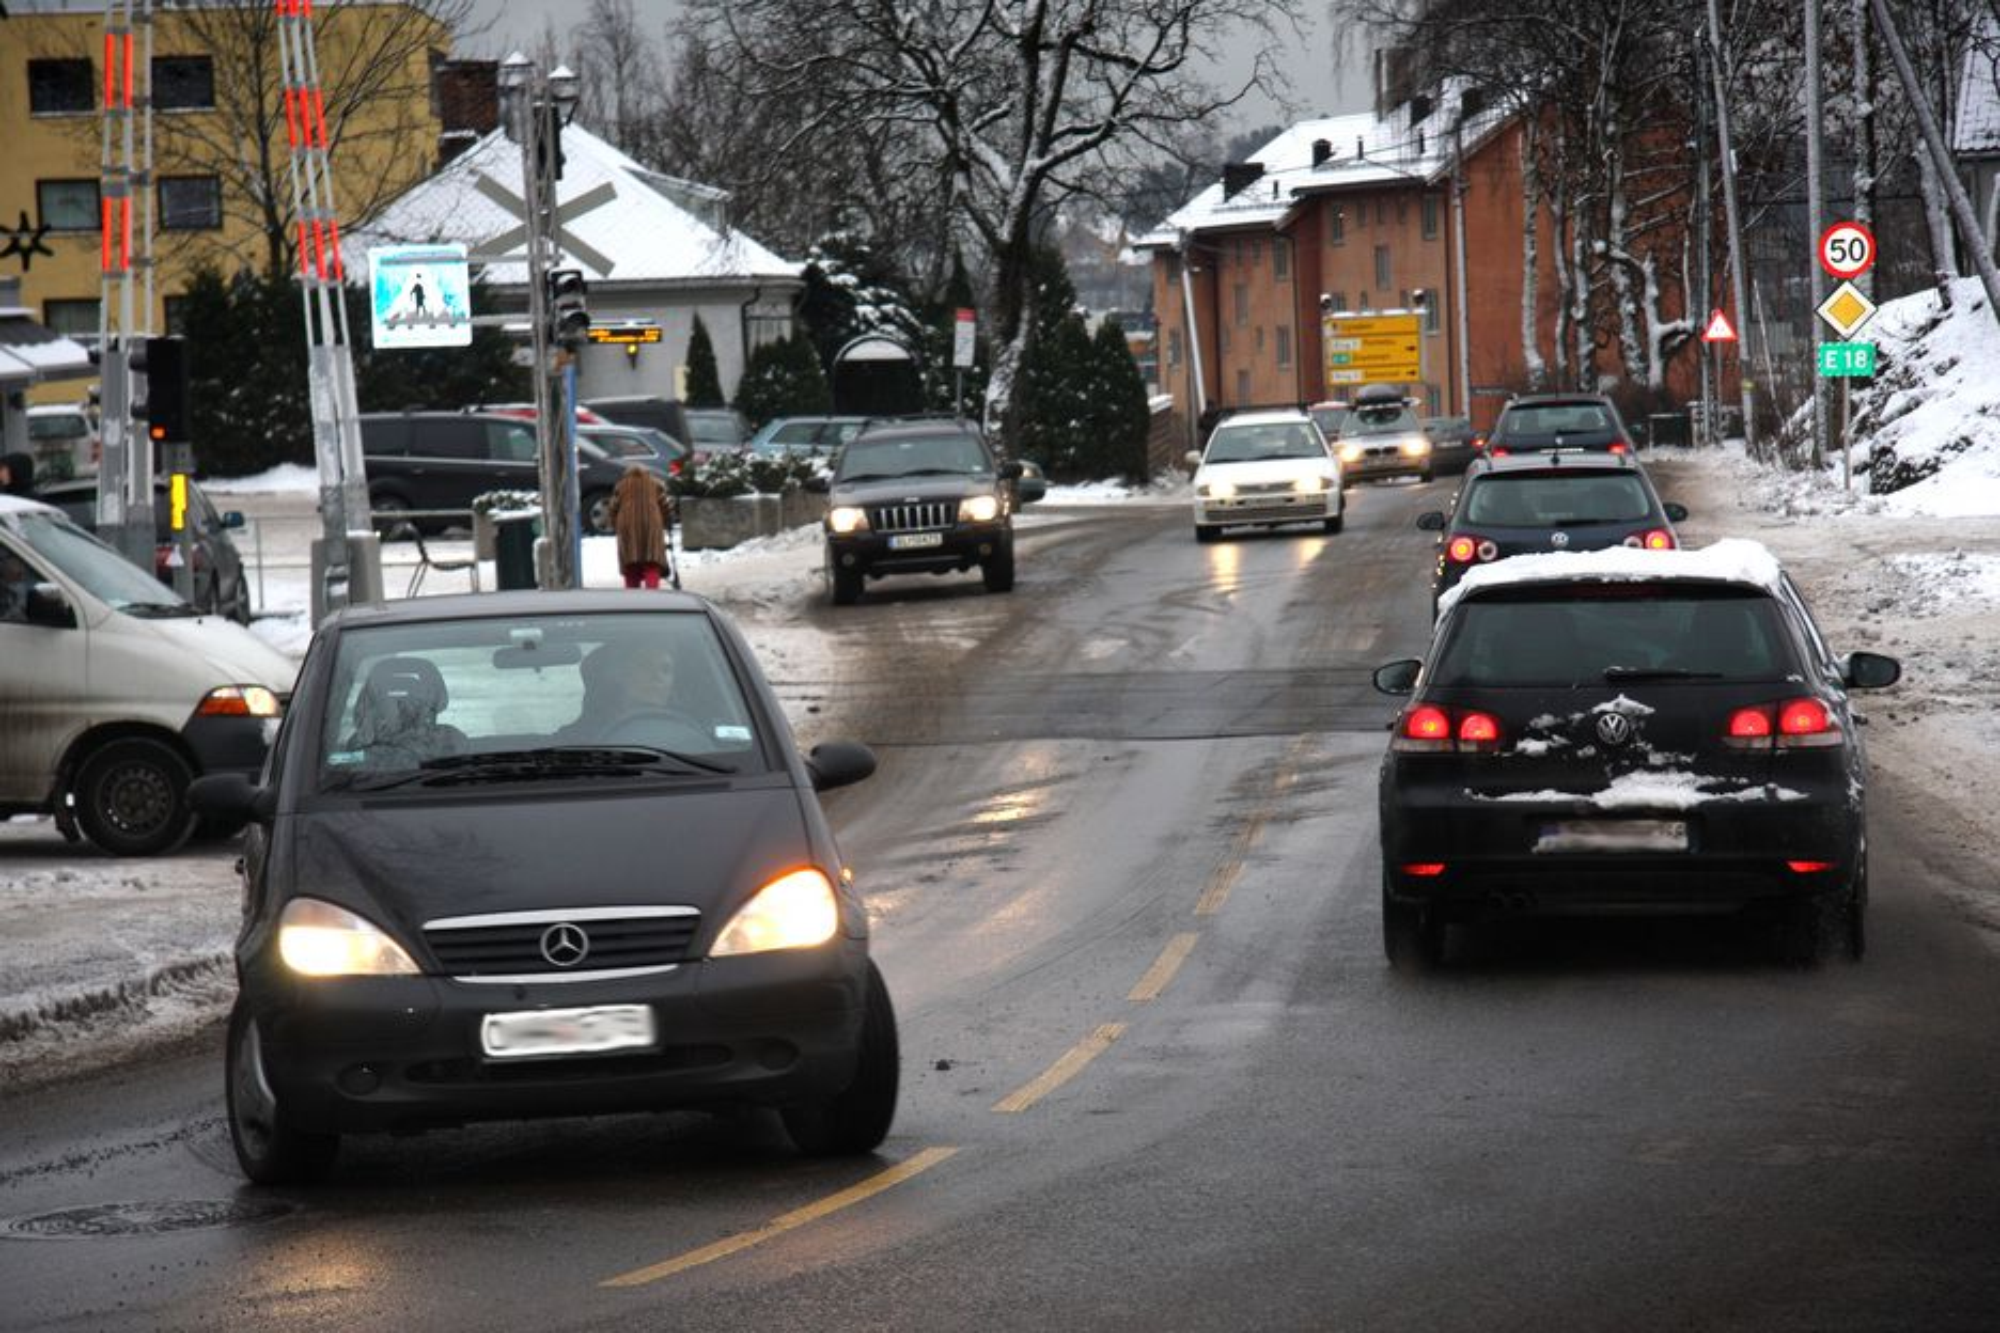 DIESELFORBUD? Om lag 75 prosent av alle nye biler som blir solgt i Norge har dieselmotor. Særskilte tiltak kan forby eldre dieselbiler å kjøre inn i sentrum. Her ved Lilleaker i Oslo.